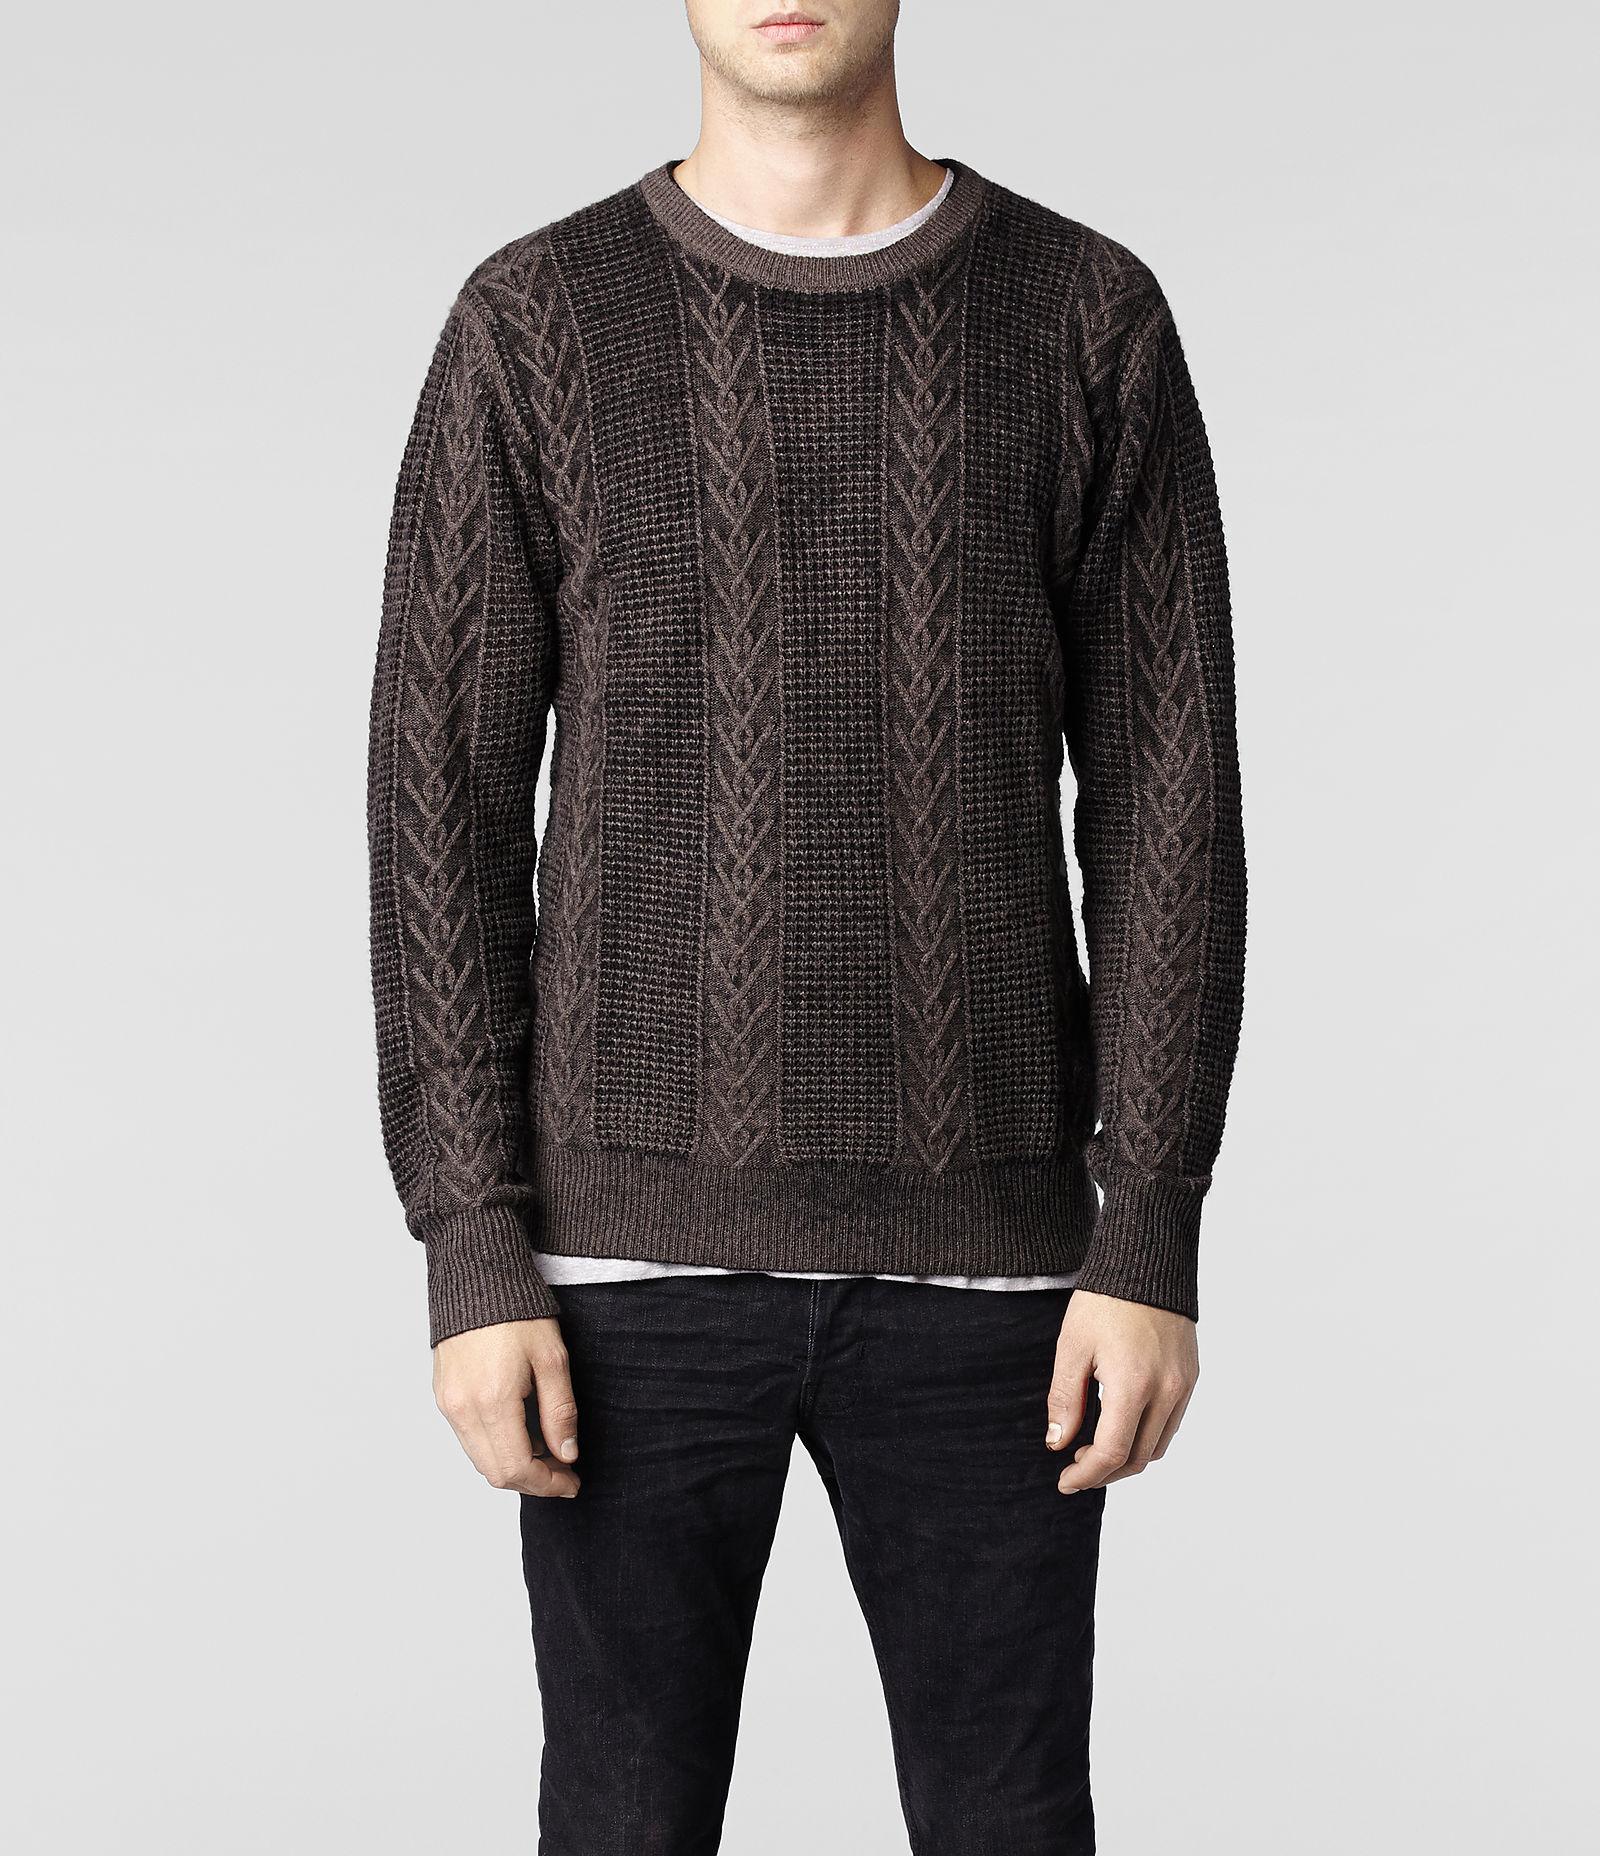 Mua sắm mùa đông áo len - 9